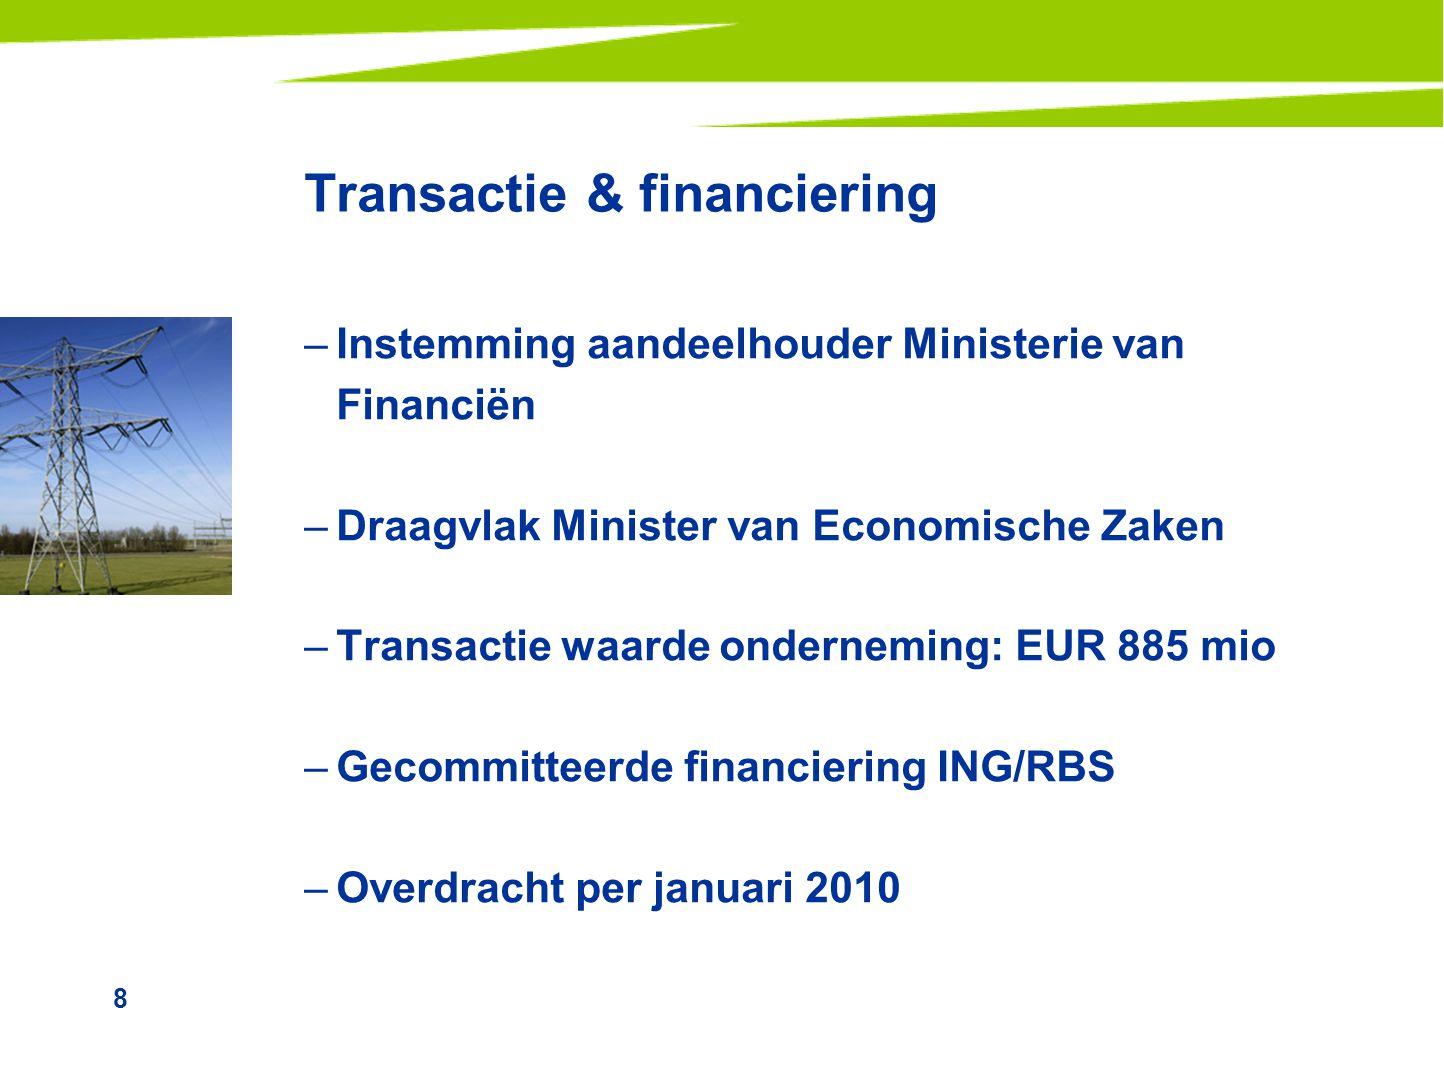 8 Transactie & financiering –Instemming aandeelhouder Ministerie van Financiën –Draagvlak Minister van Economische Zaken –Transactie waarde onderneming: EUR 885 mio –Gecommitteerde financiering ING/RBS –Overdracht per januari 2010